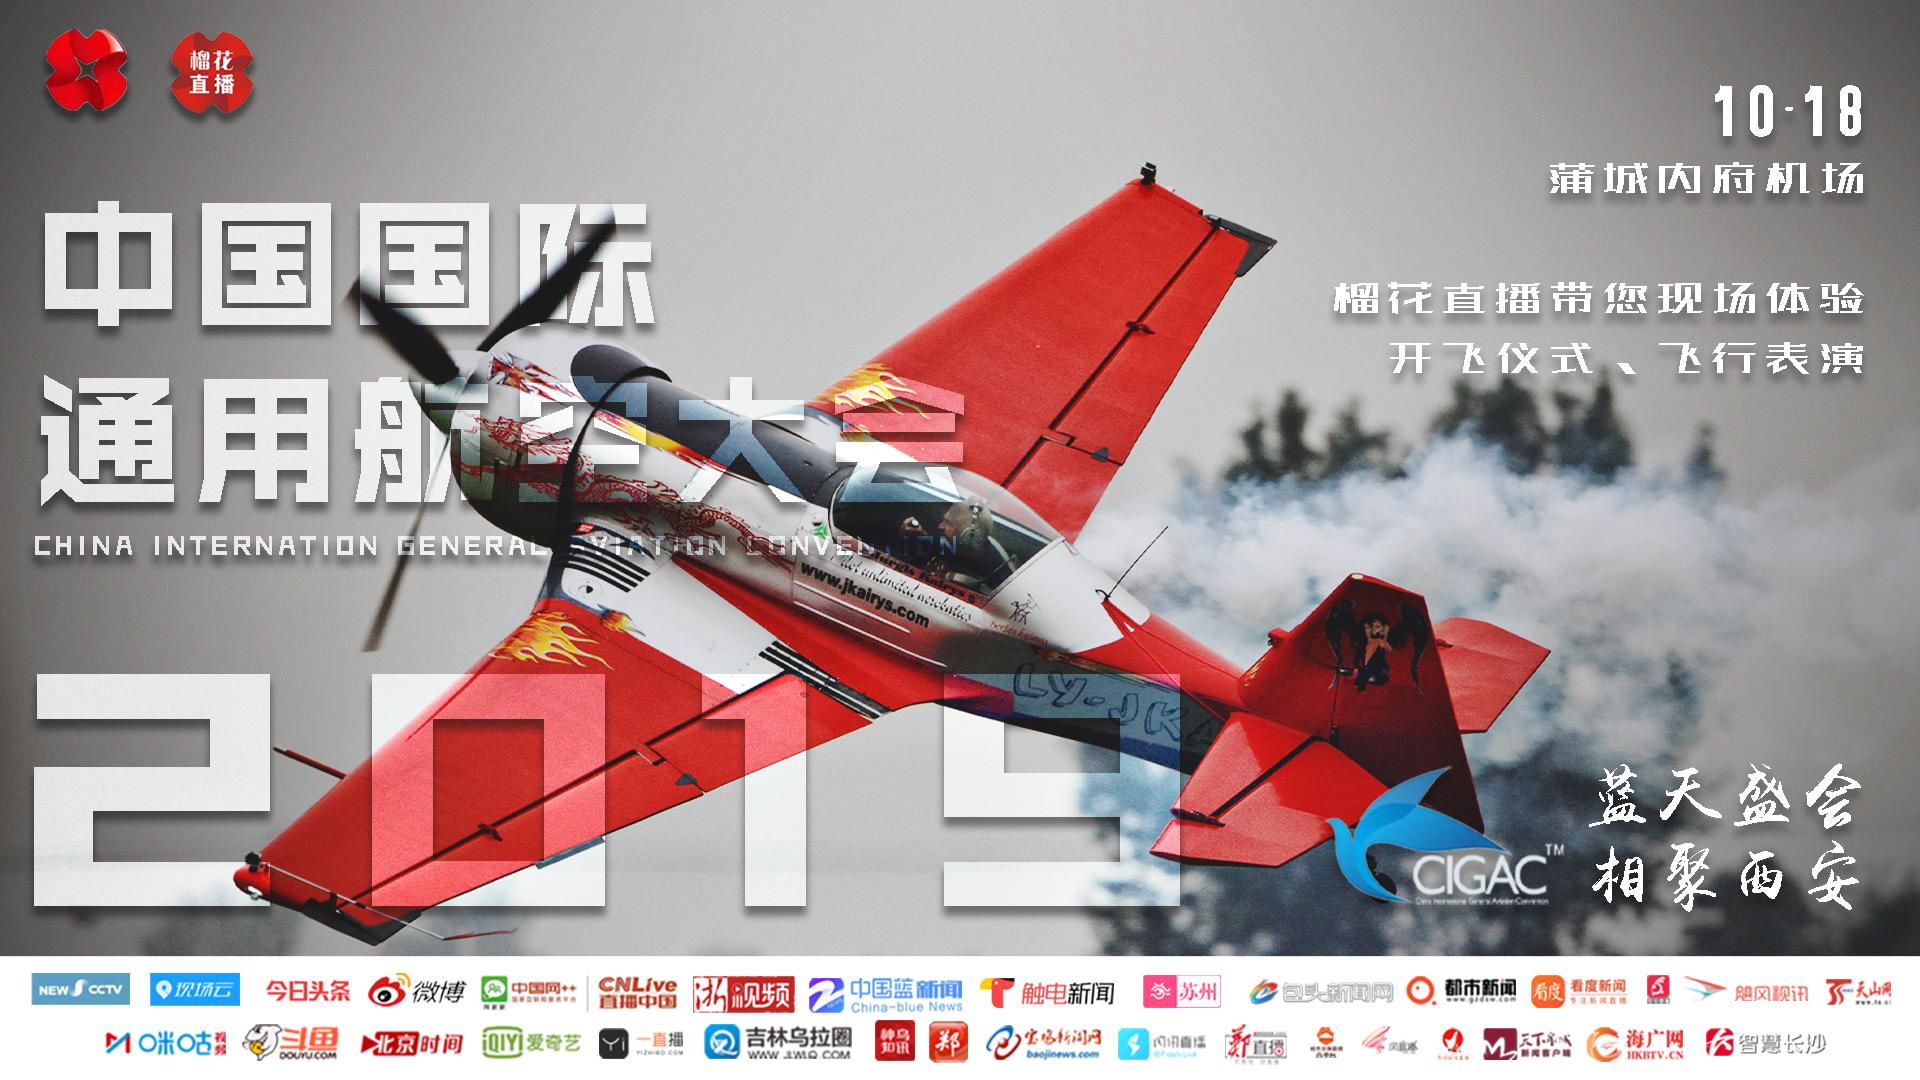 2019中国国际通用航空大会将举行 看飞行特技表演啦